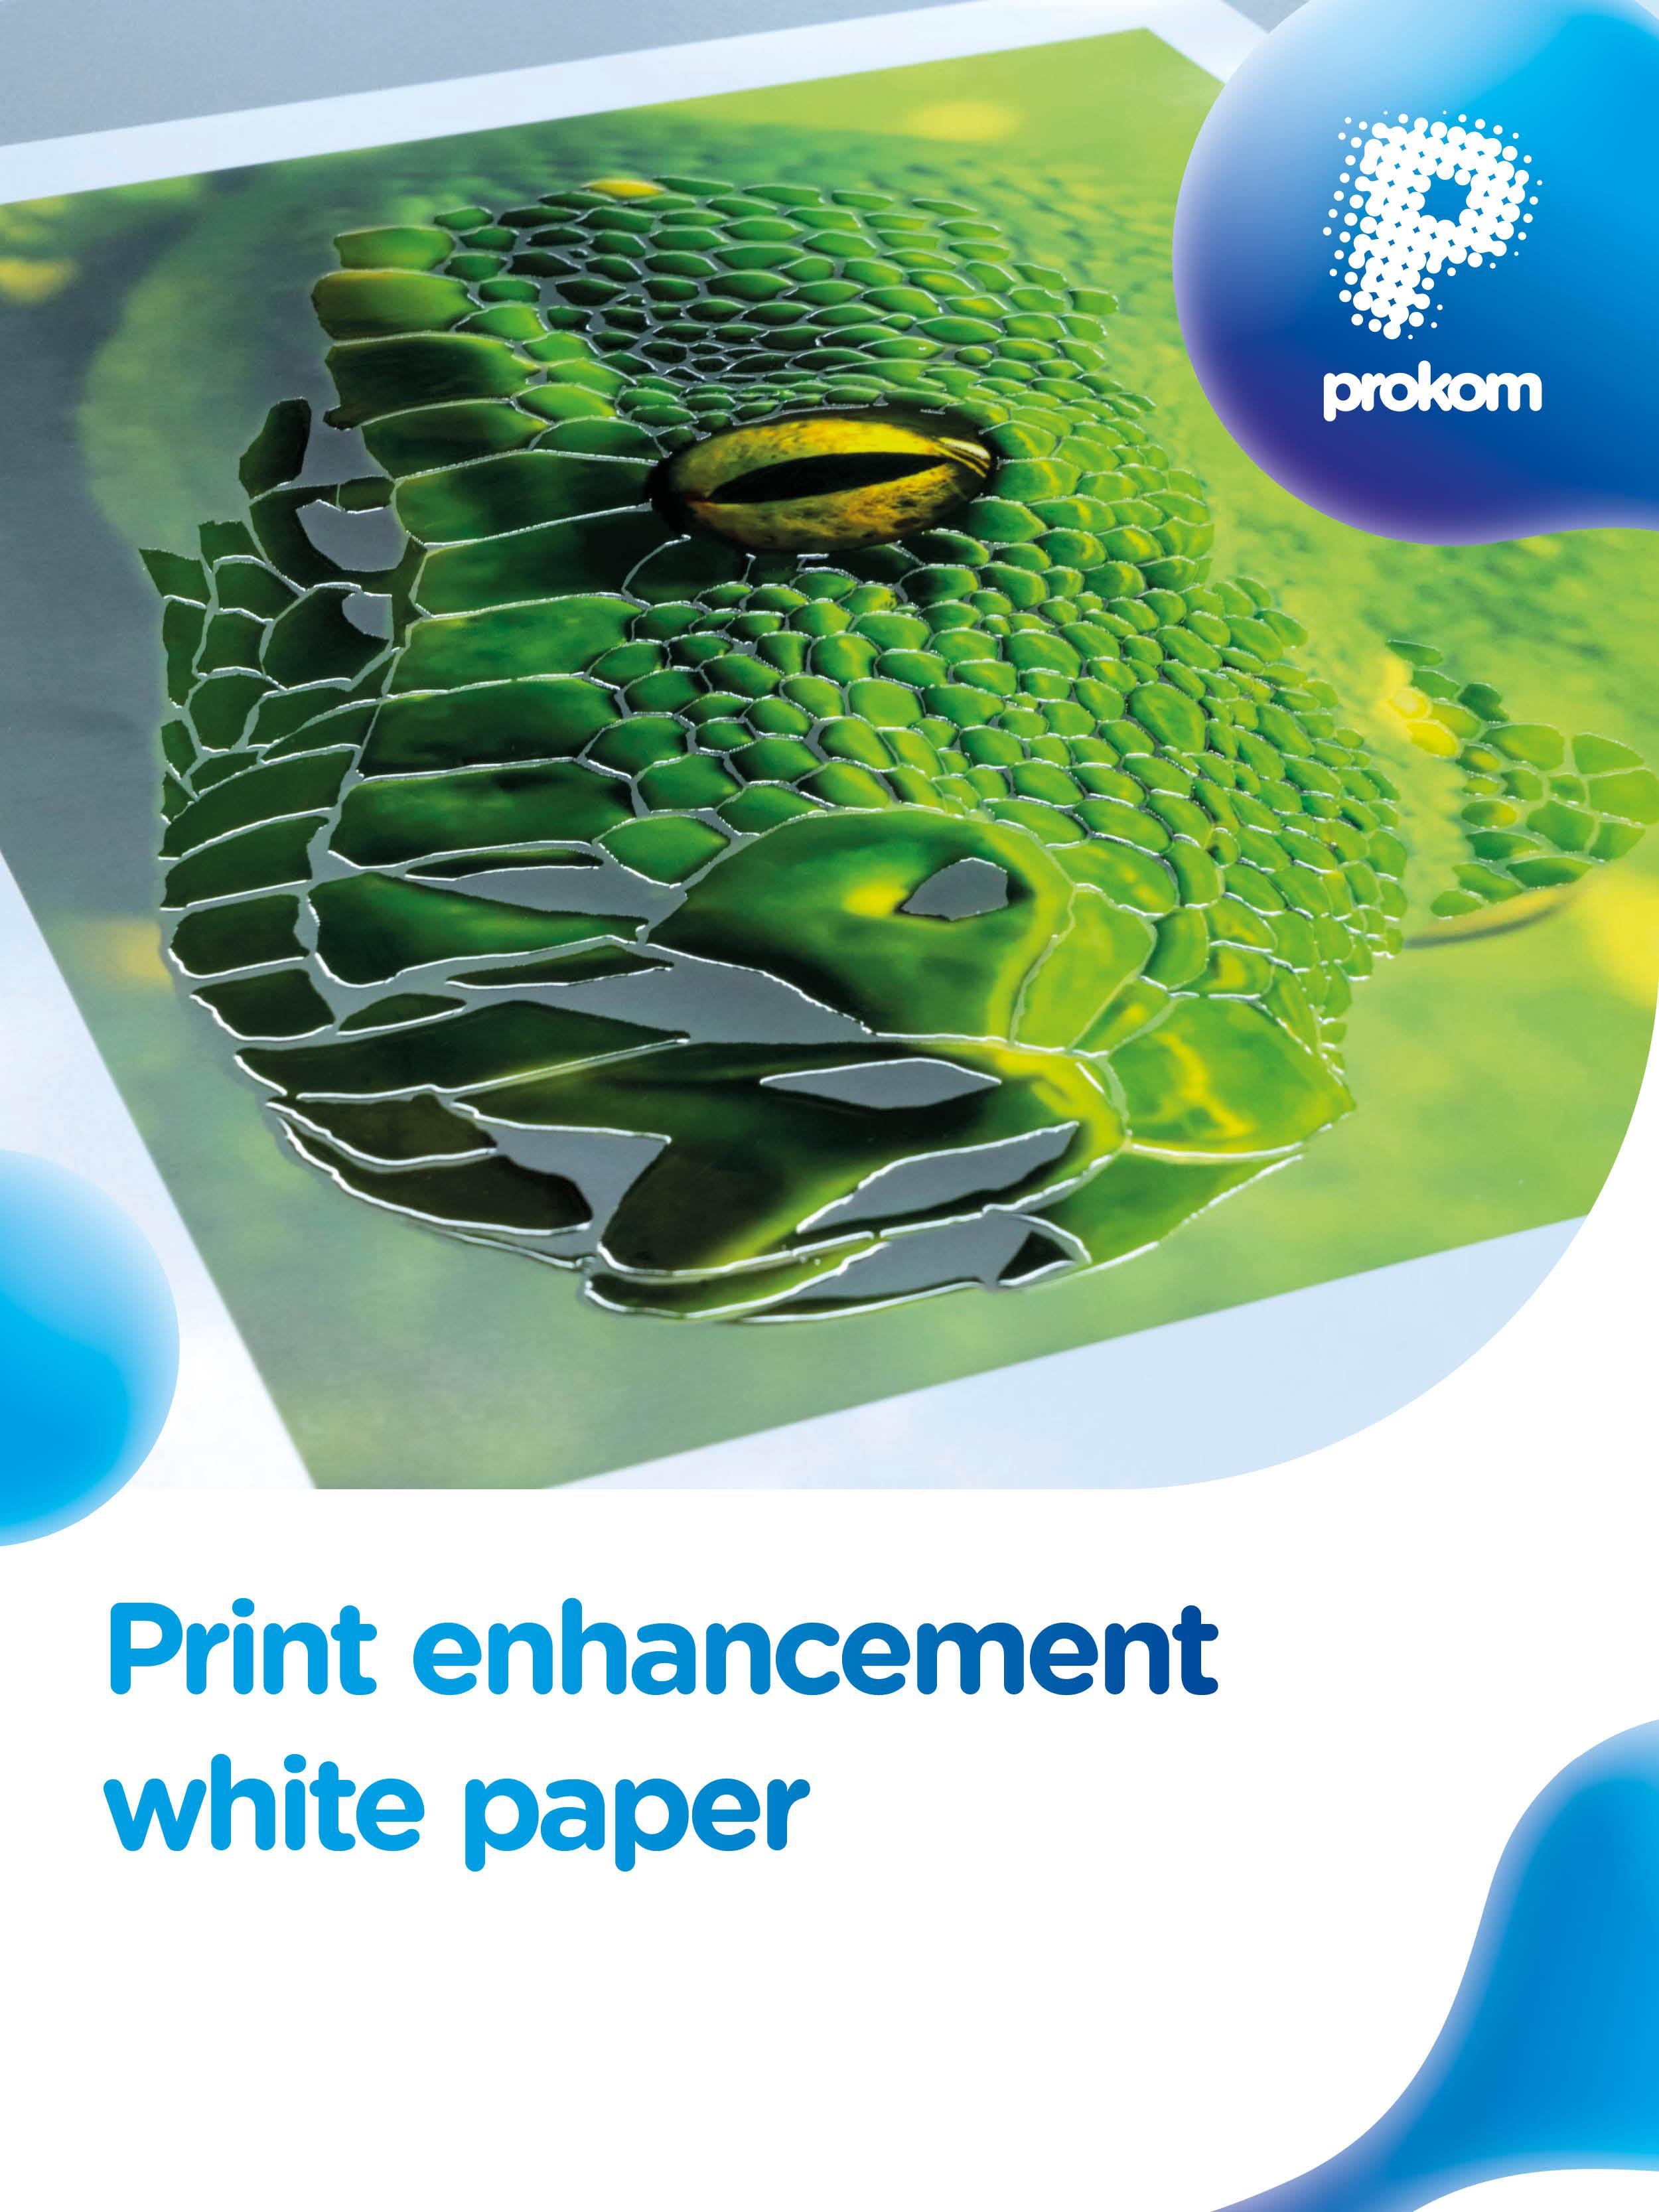 JetPro - Designing for print embellishment image